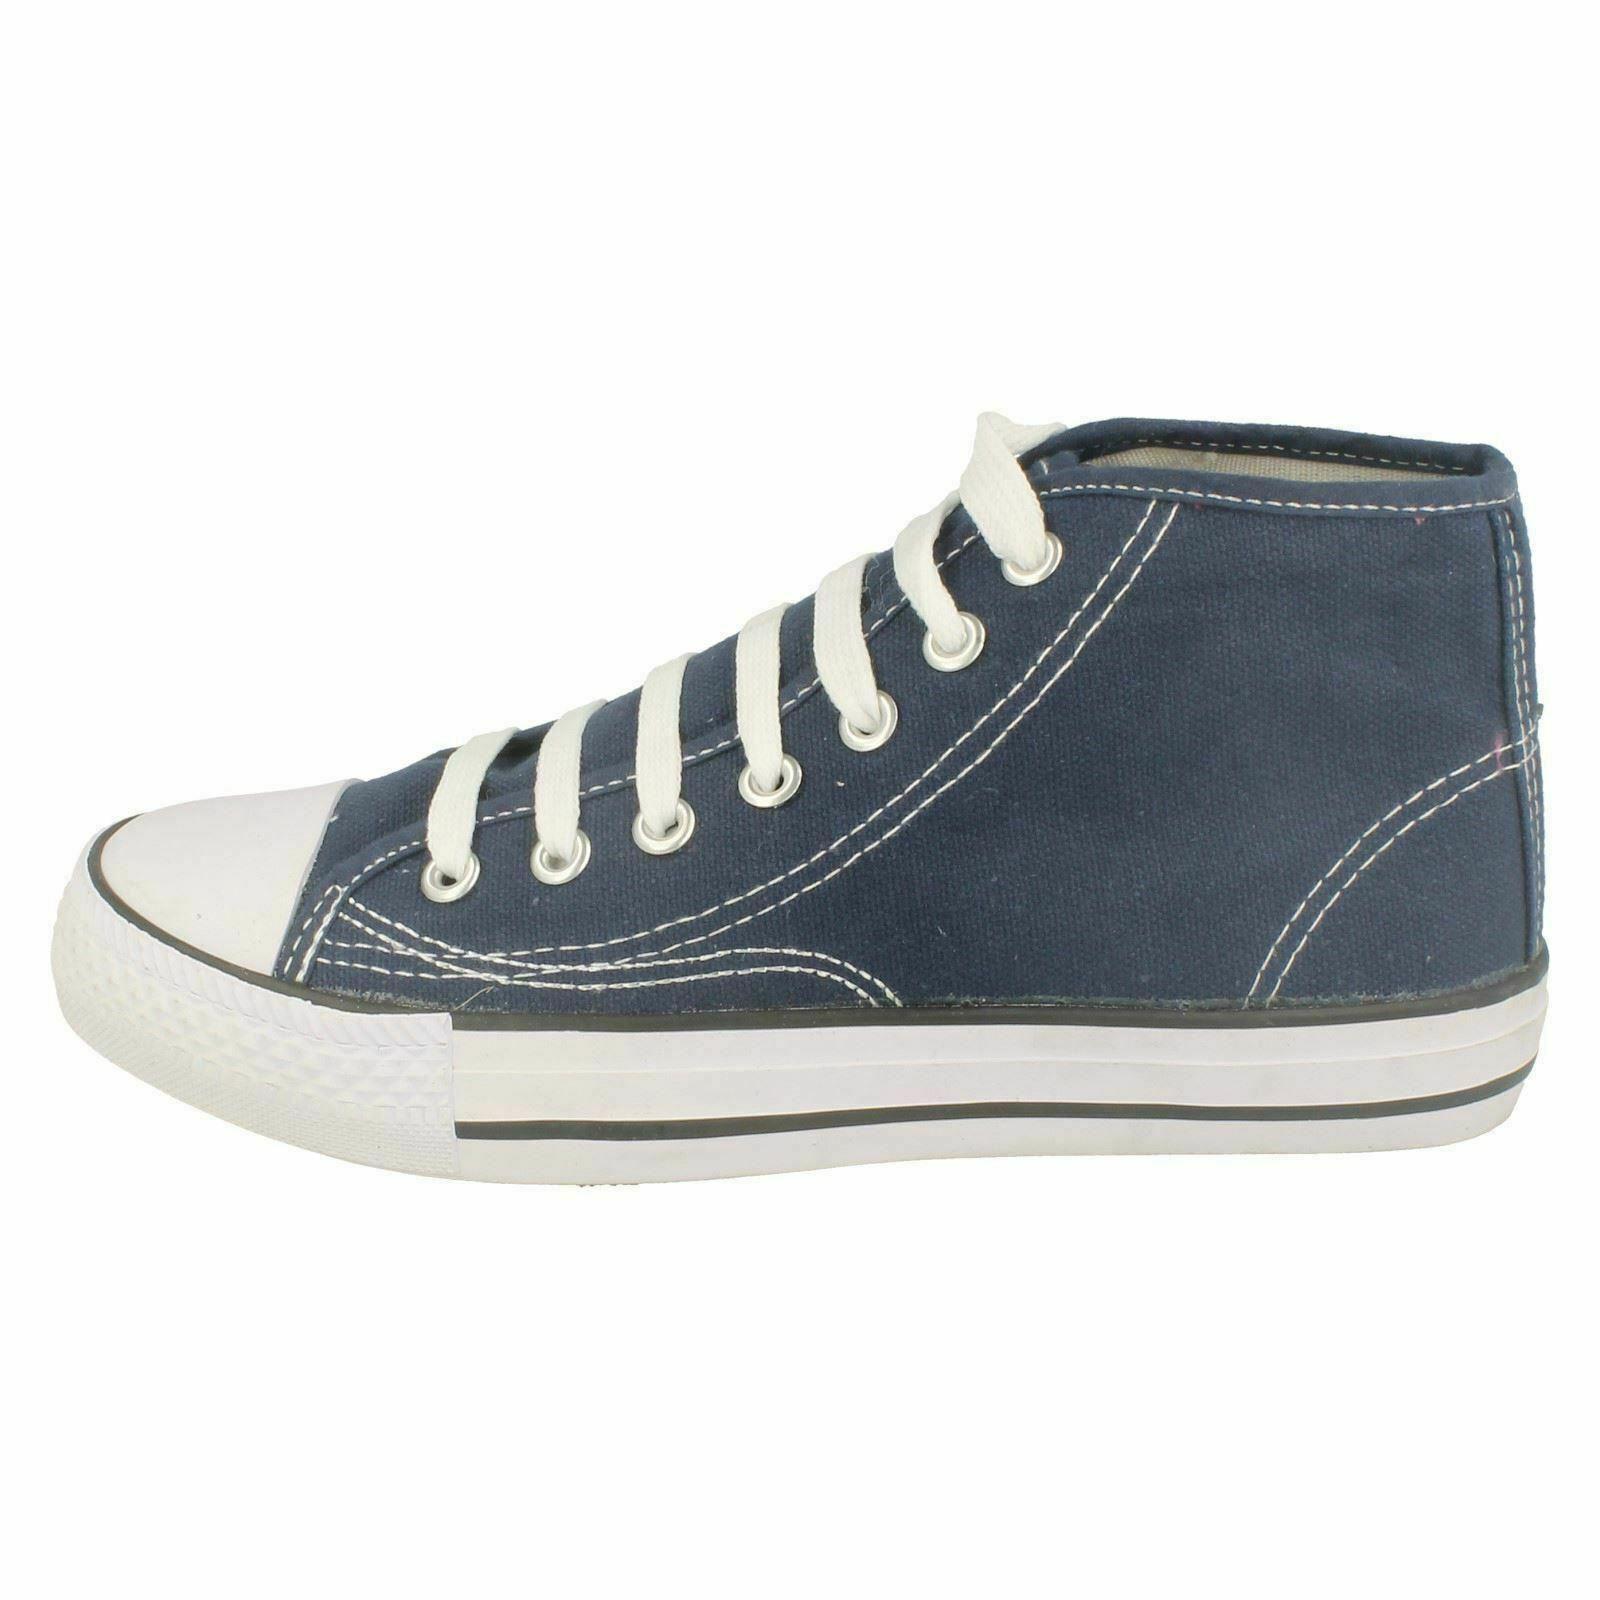 Spot-On-Chaussures-hautes-en-toile-Homme-KM565 miniature 10